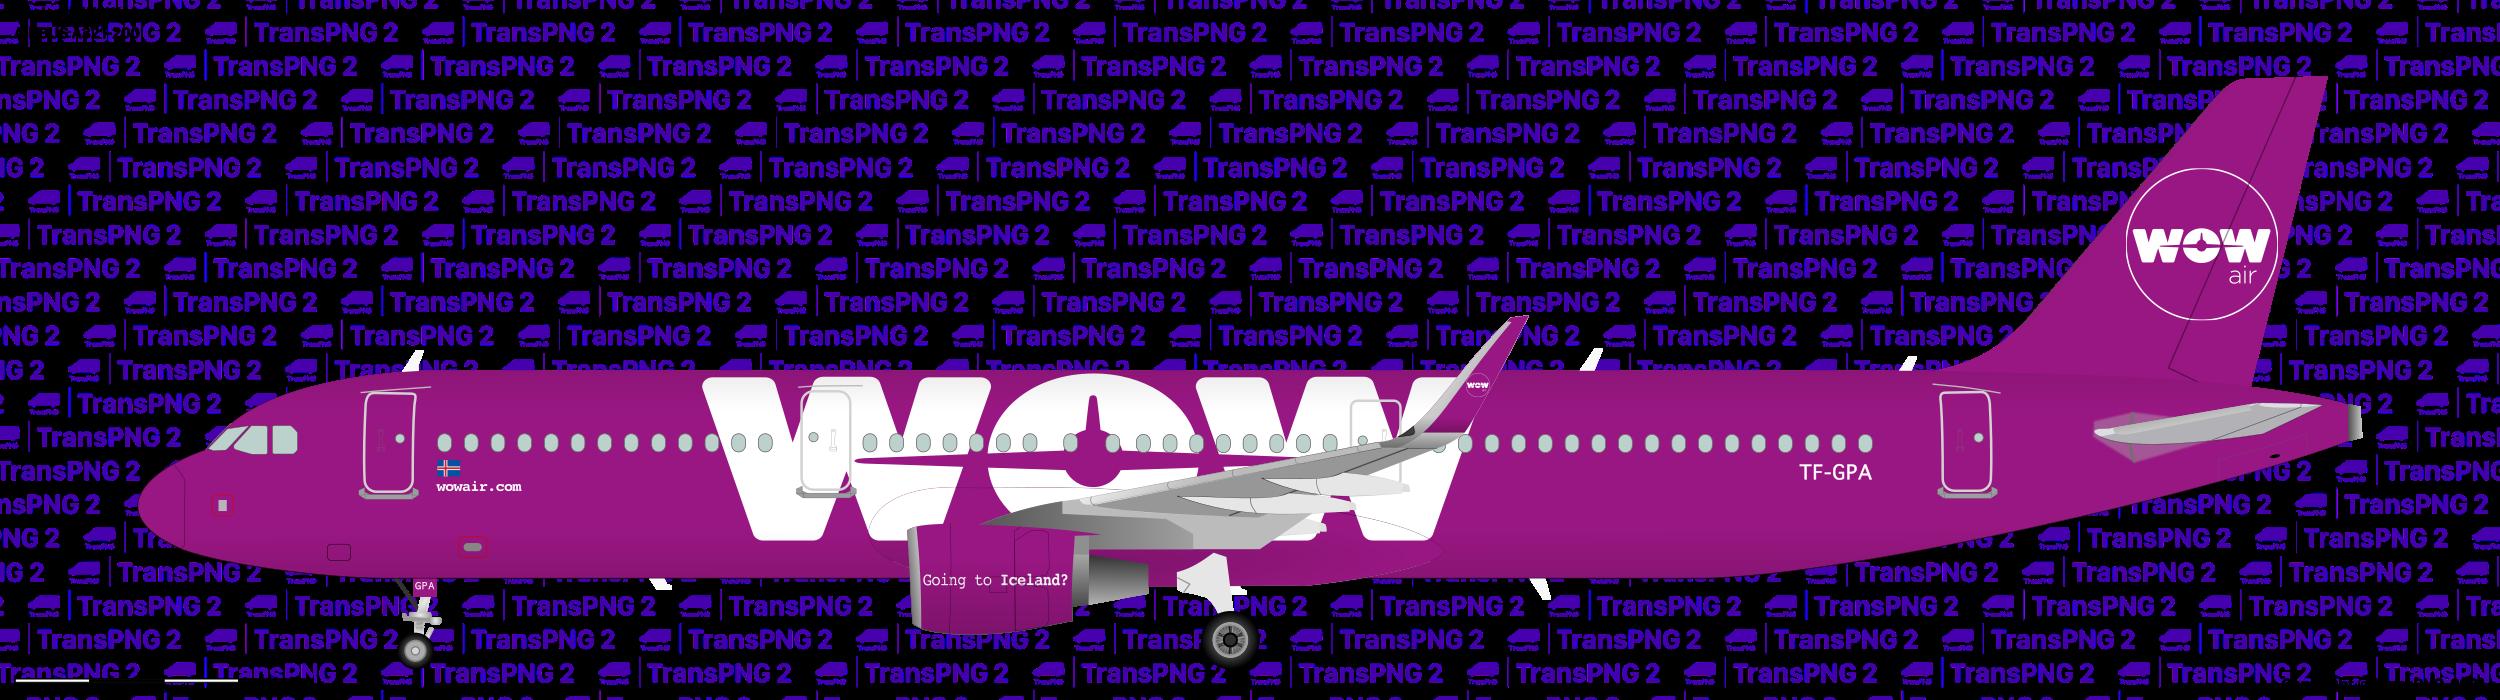 [25100] WOW air 25100